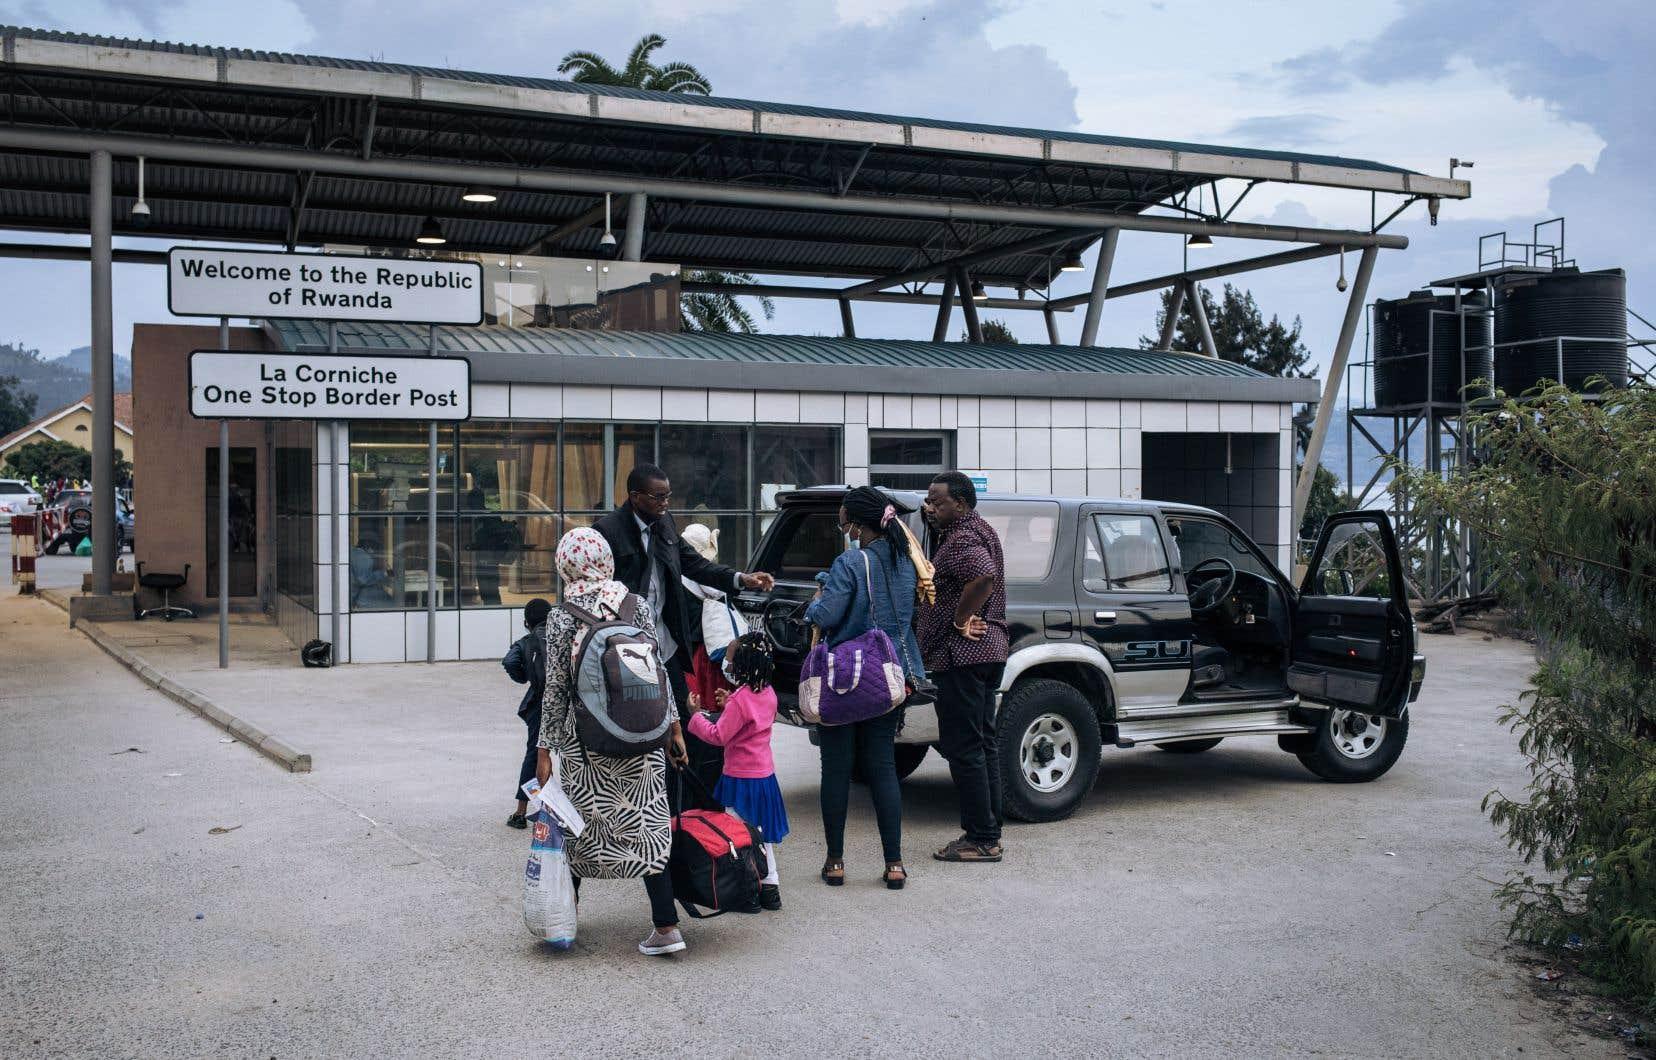 La ville de Goma, dans l'est de la République démocratique du Congo, était presque déserte hier alors que des résidents fuyaient encore la ville à ce moment-là, après que le gouvernement ait émis un avertissementselon lequel le volcan du mont Nyiragongo pourrait éclater à nouveau.